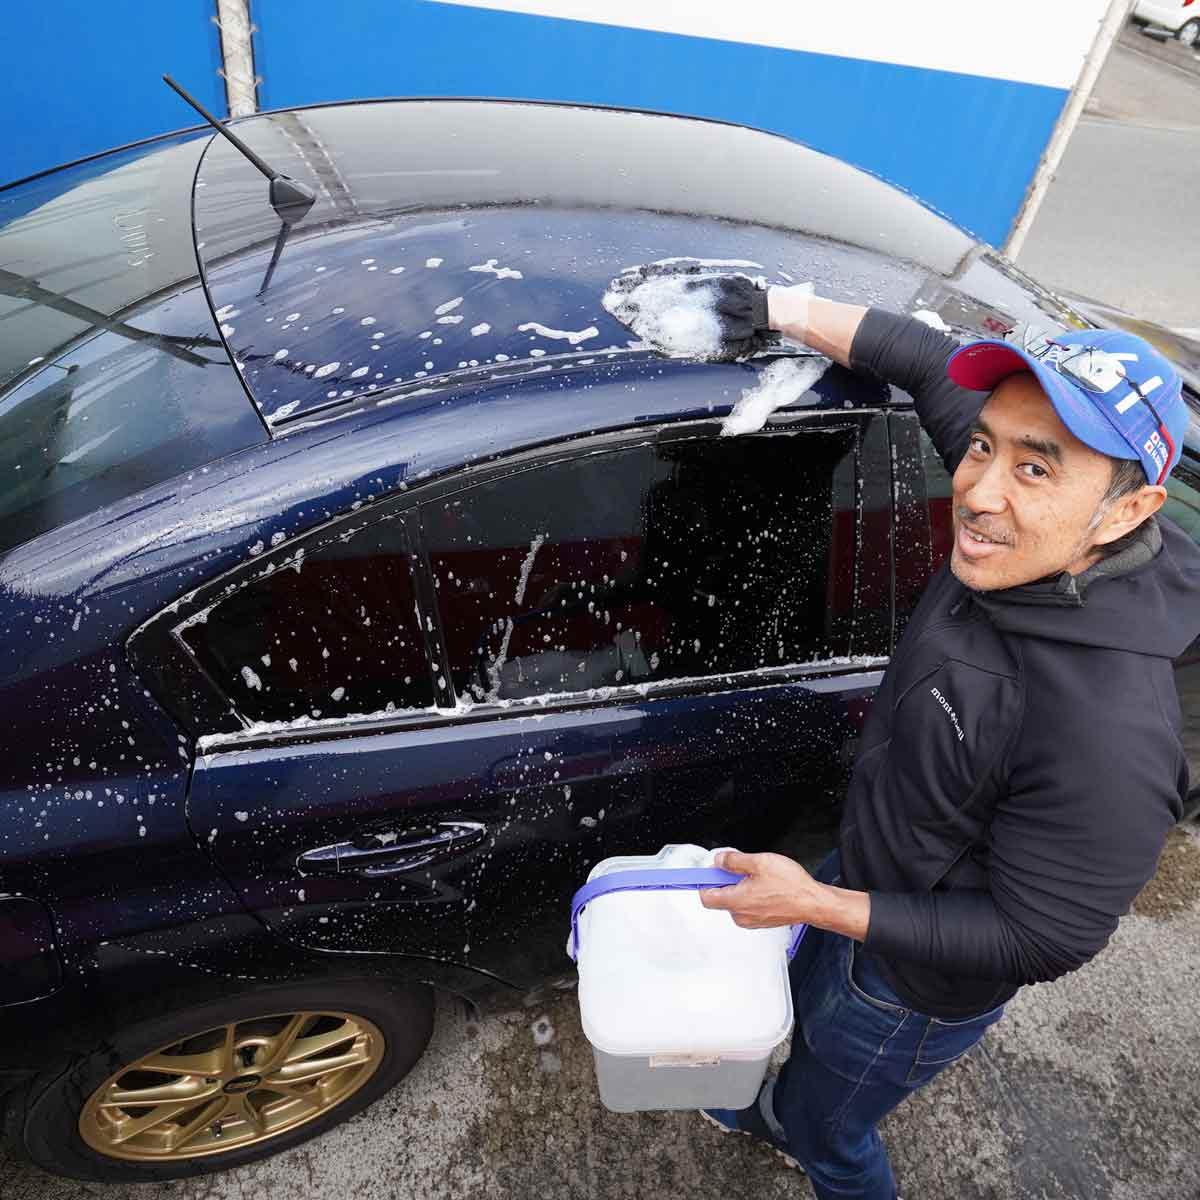 洗車の便利アイテム天来! 「4つの手袋」で愛車が隅々までピッカピカ☆